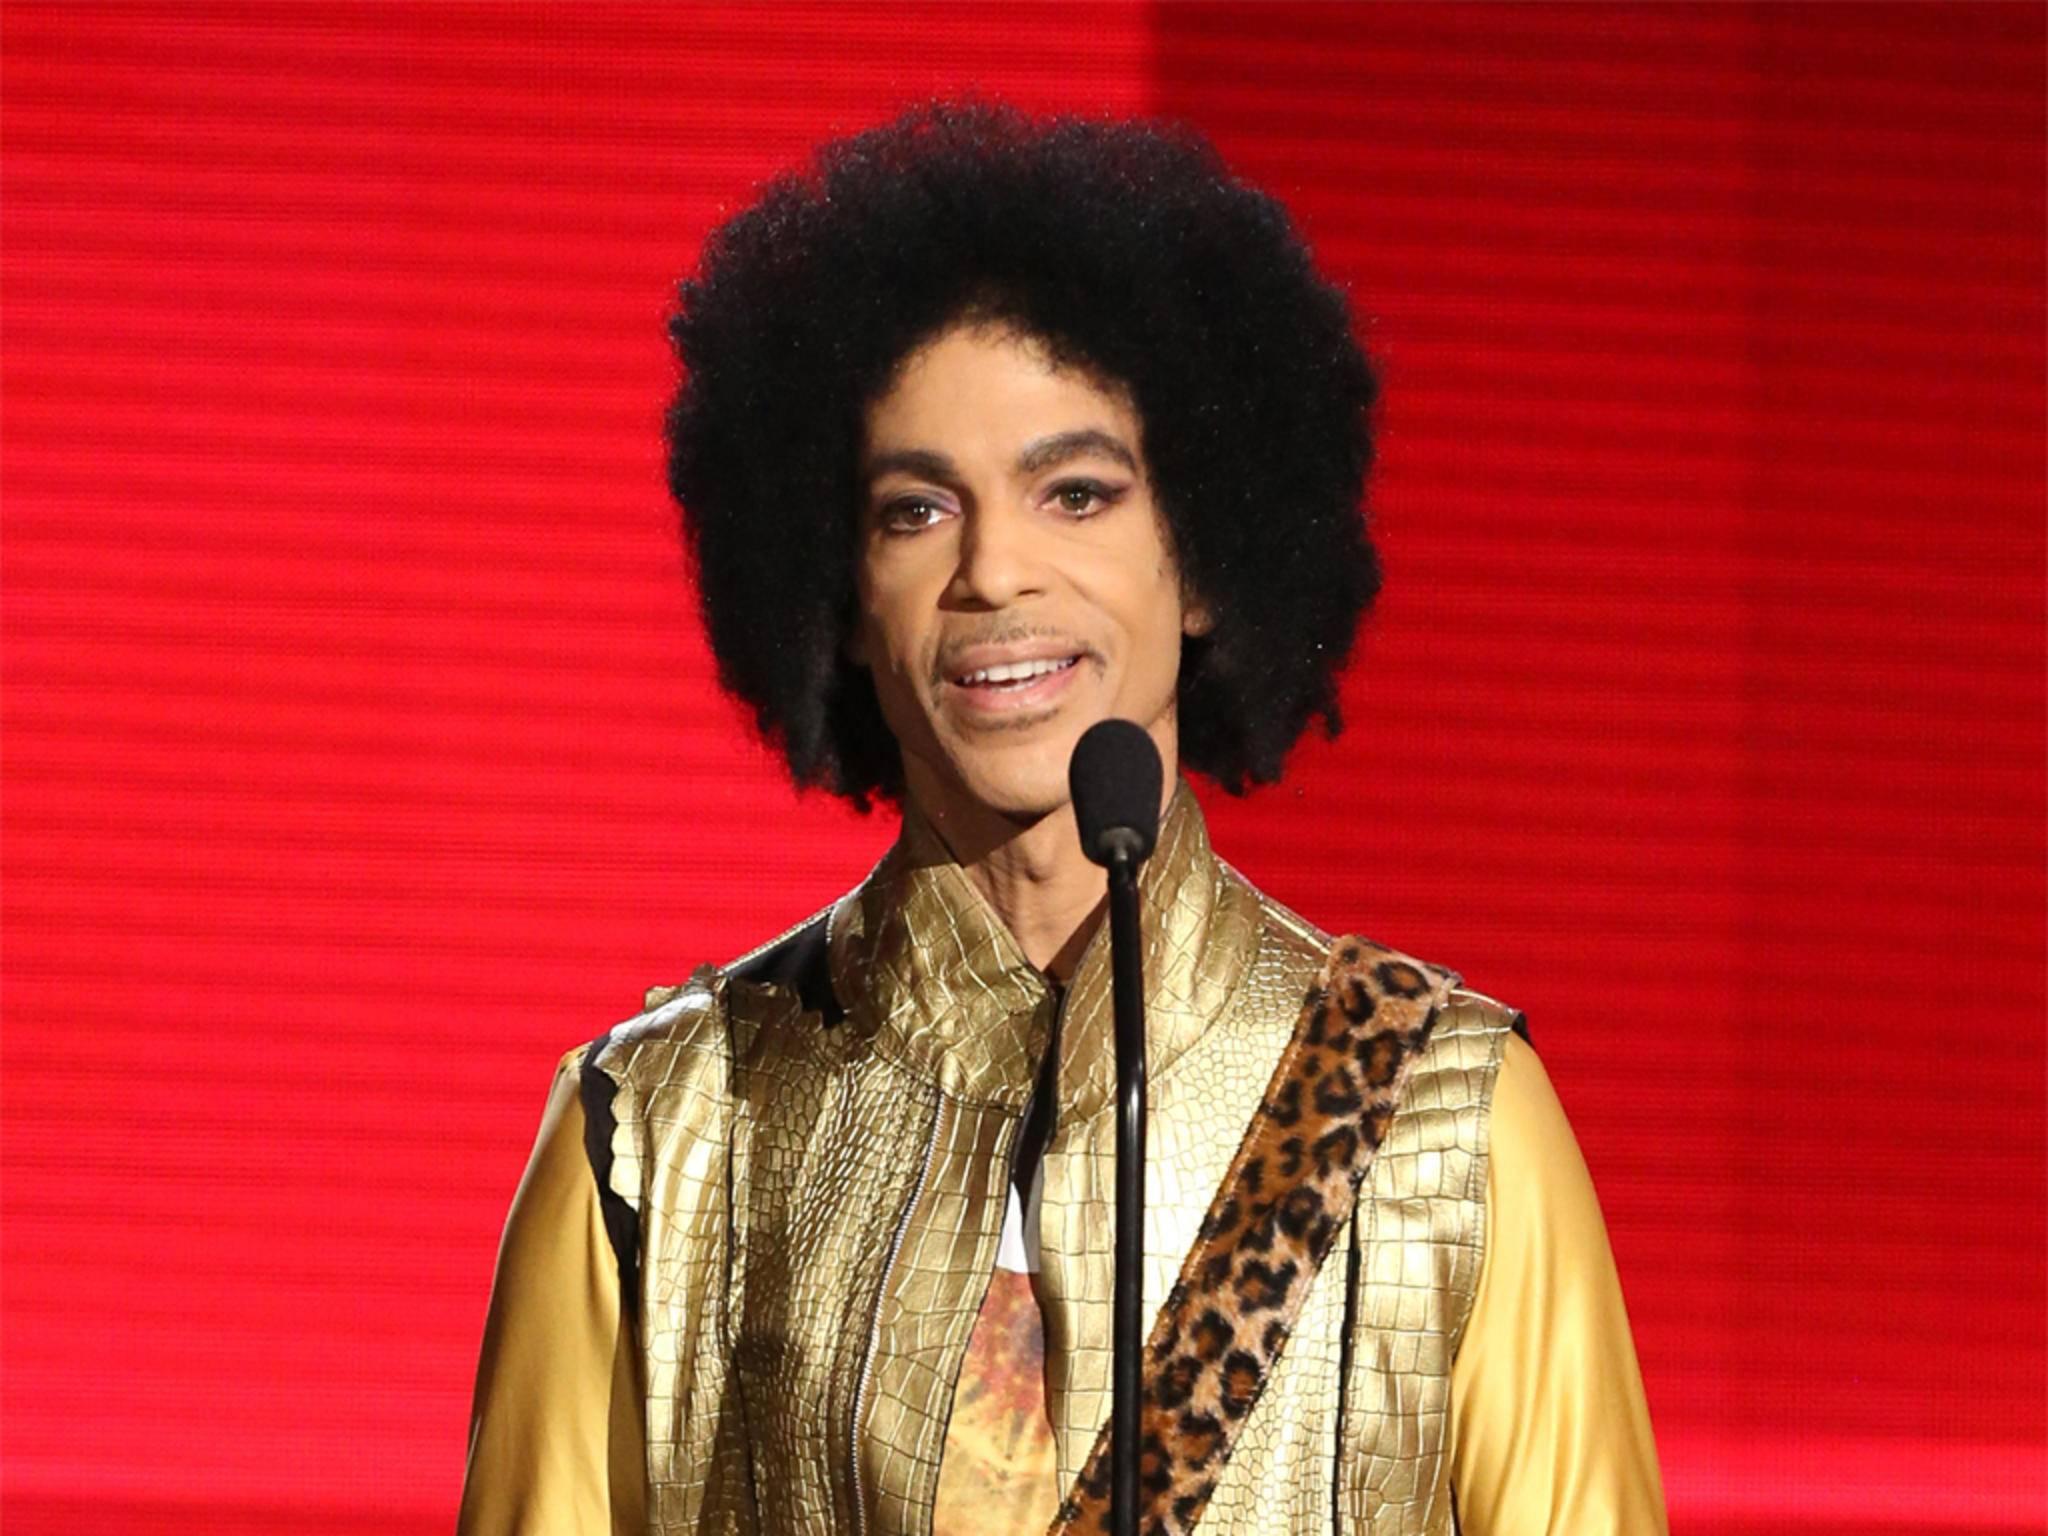 """Für """"The Official Prince Tribute"""" werden am 13. Oktober namhafte Stars in Minnesota erwartet."""